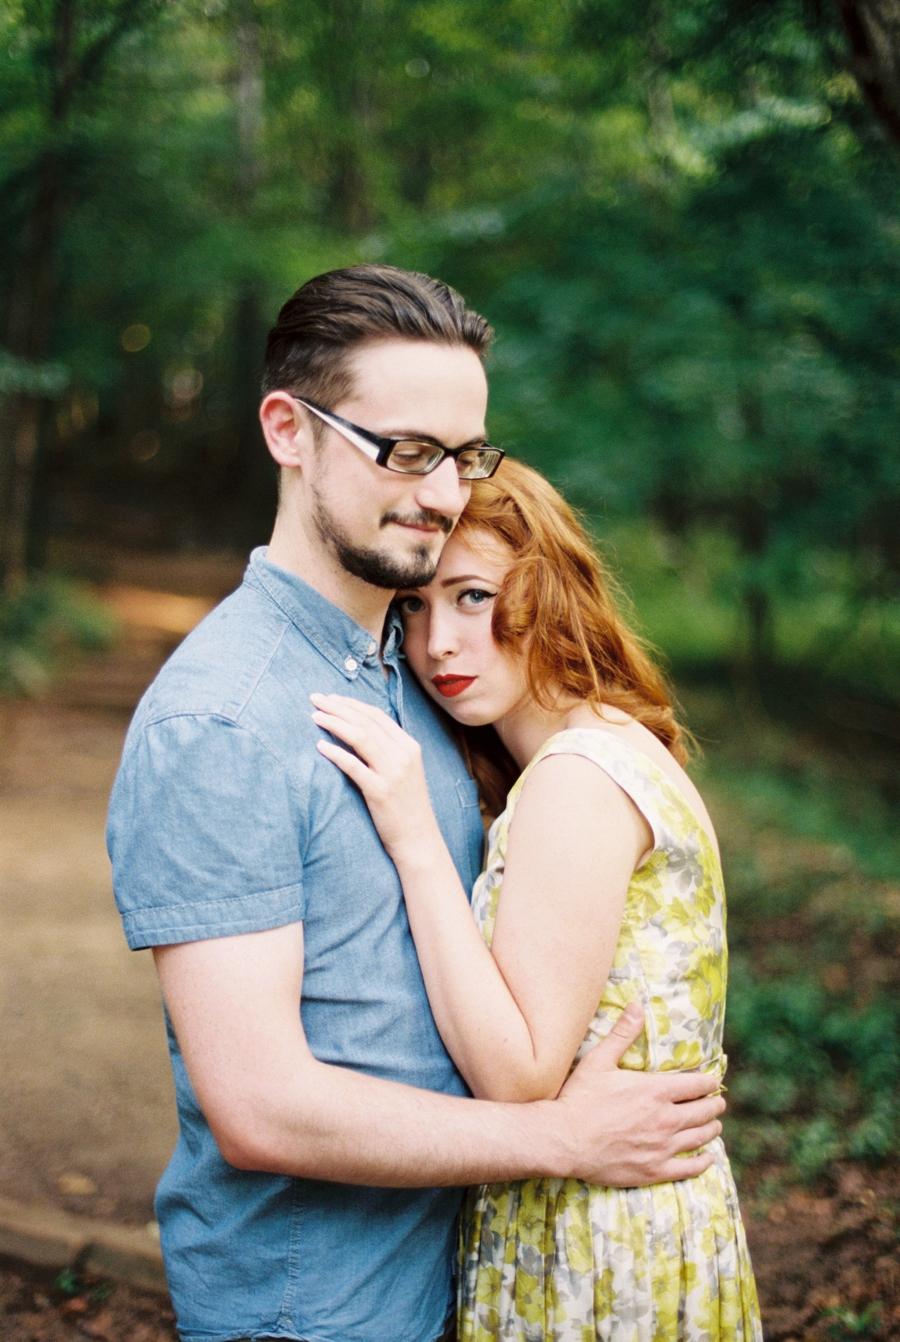 vintage couple portrait photography_0029